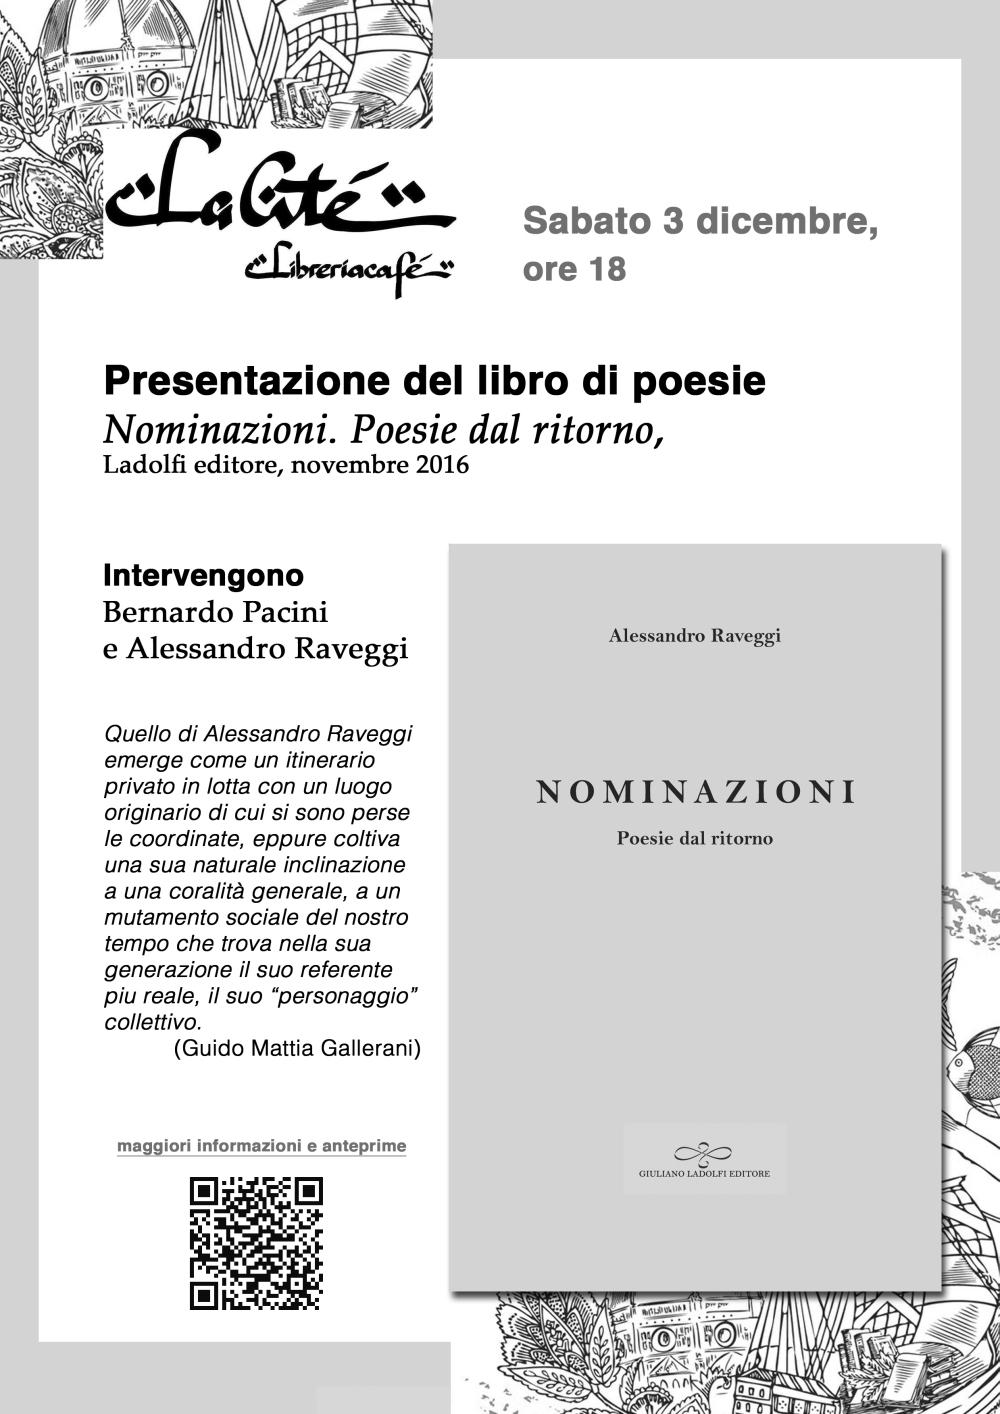 nominazioni-raveggi-la-cite-3-dicembre